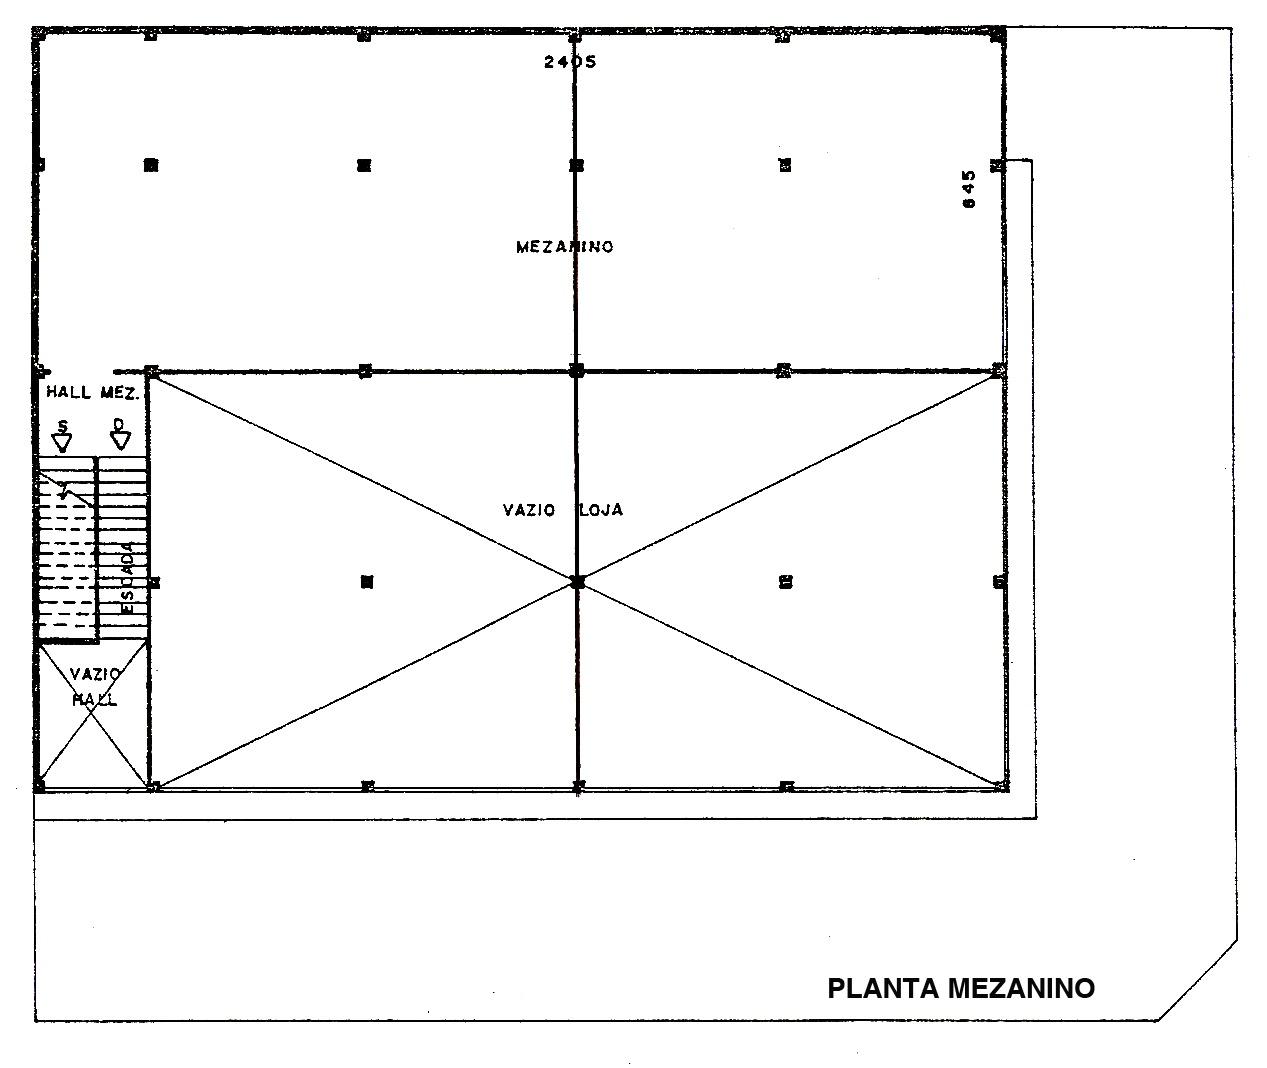 https://0201.nccdn.net/4_2/000/000/050/82c/planta-mezanino-1267x1068.jpg